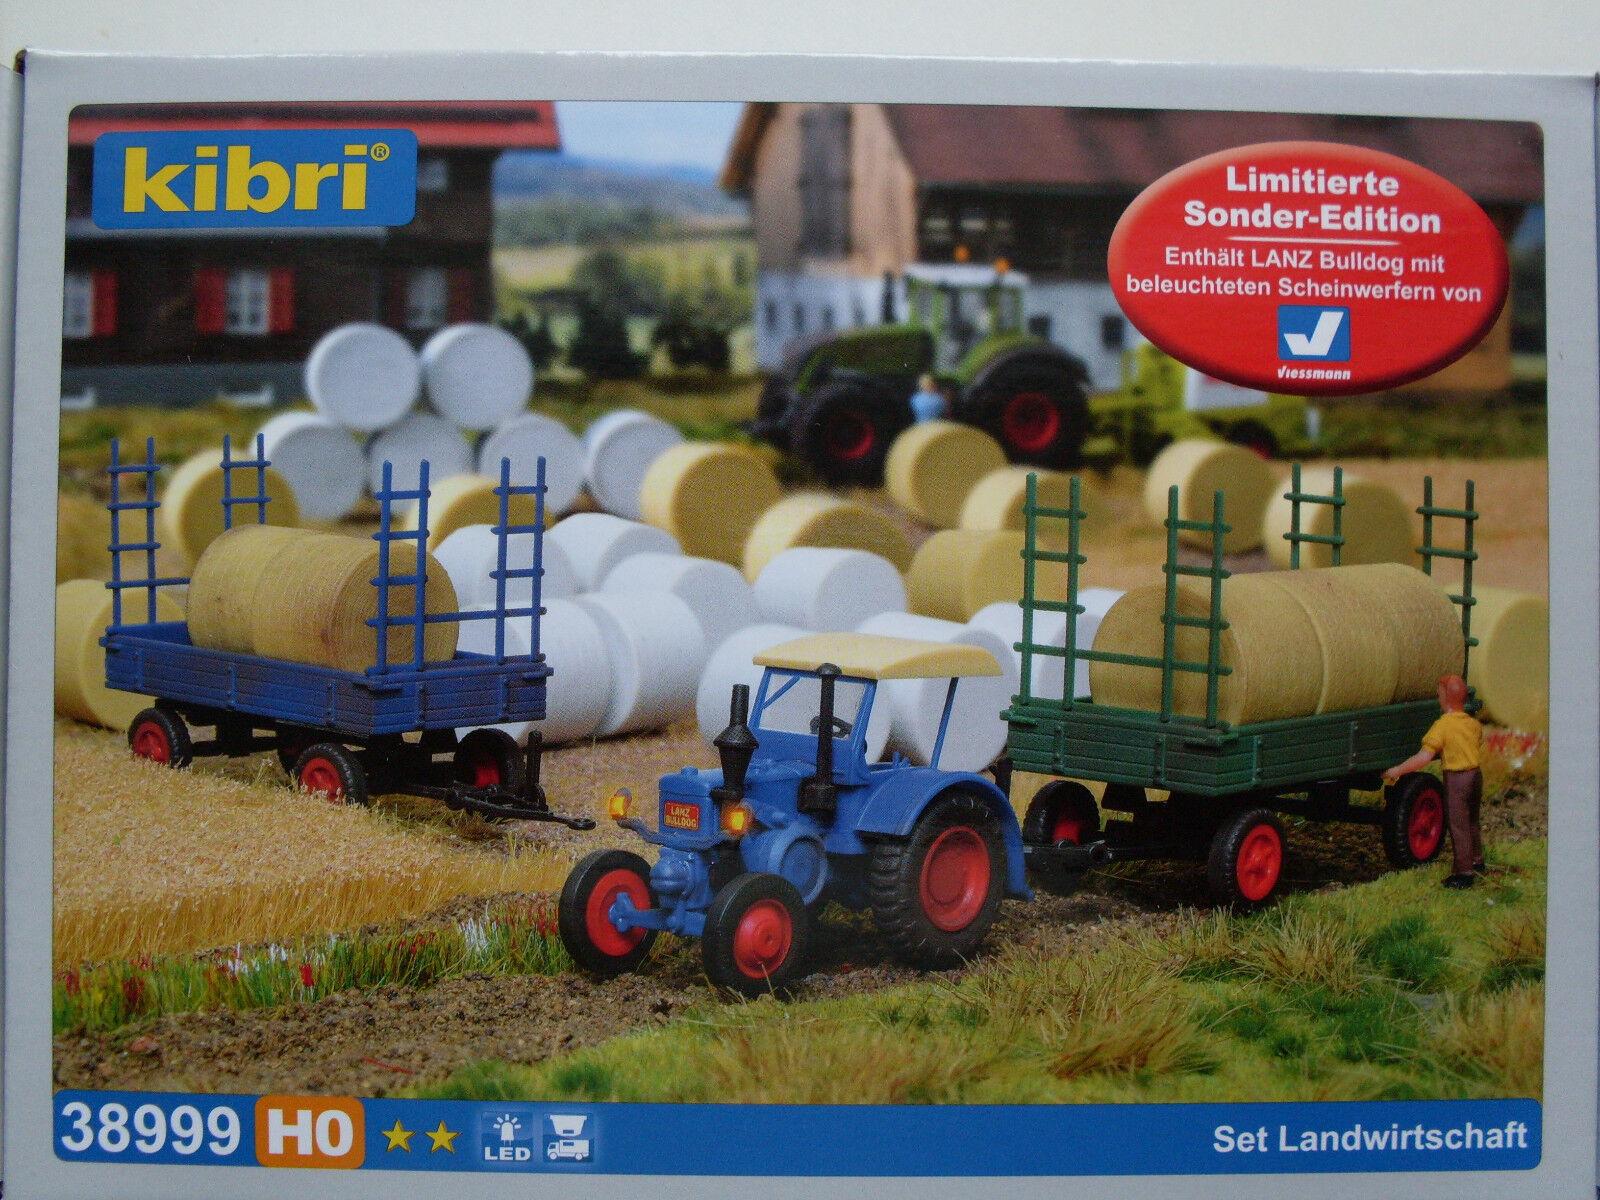 H0 set agricoltura, Mondi Modello Kit 1:87, Kibri 38999